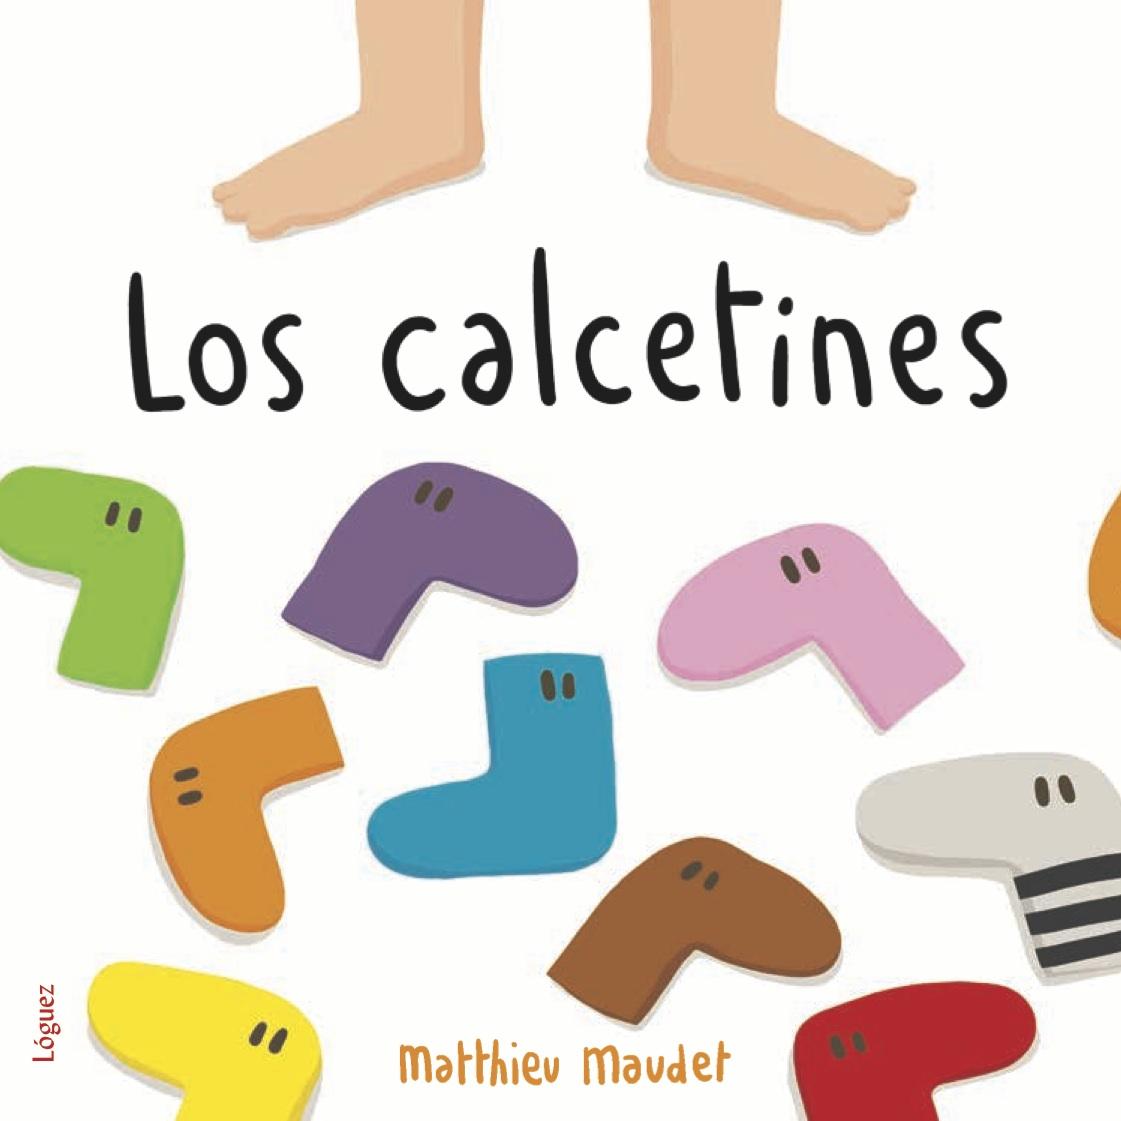 https://www.loguezediciones.es/libro/ver_libro_coleccion?id=342